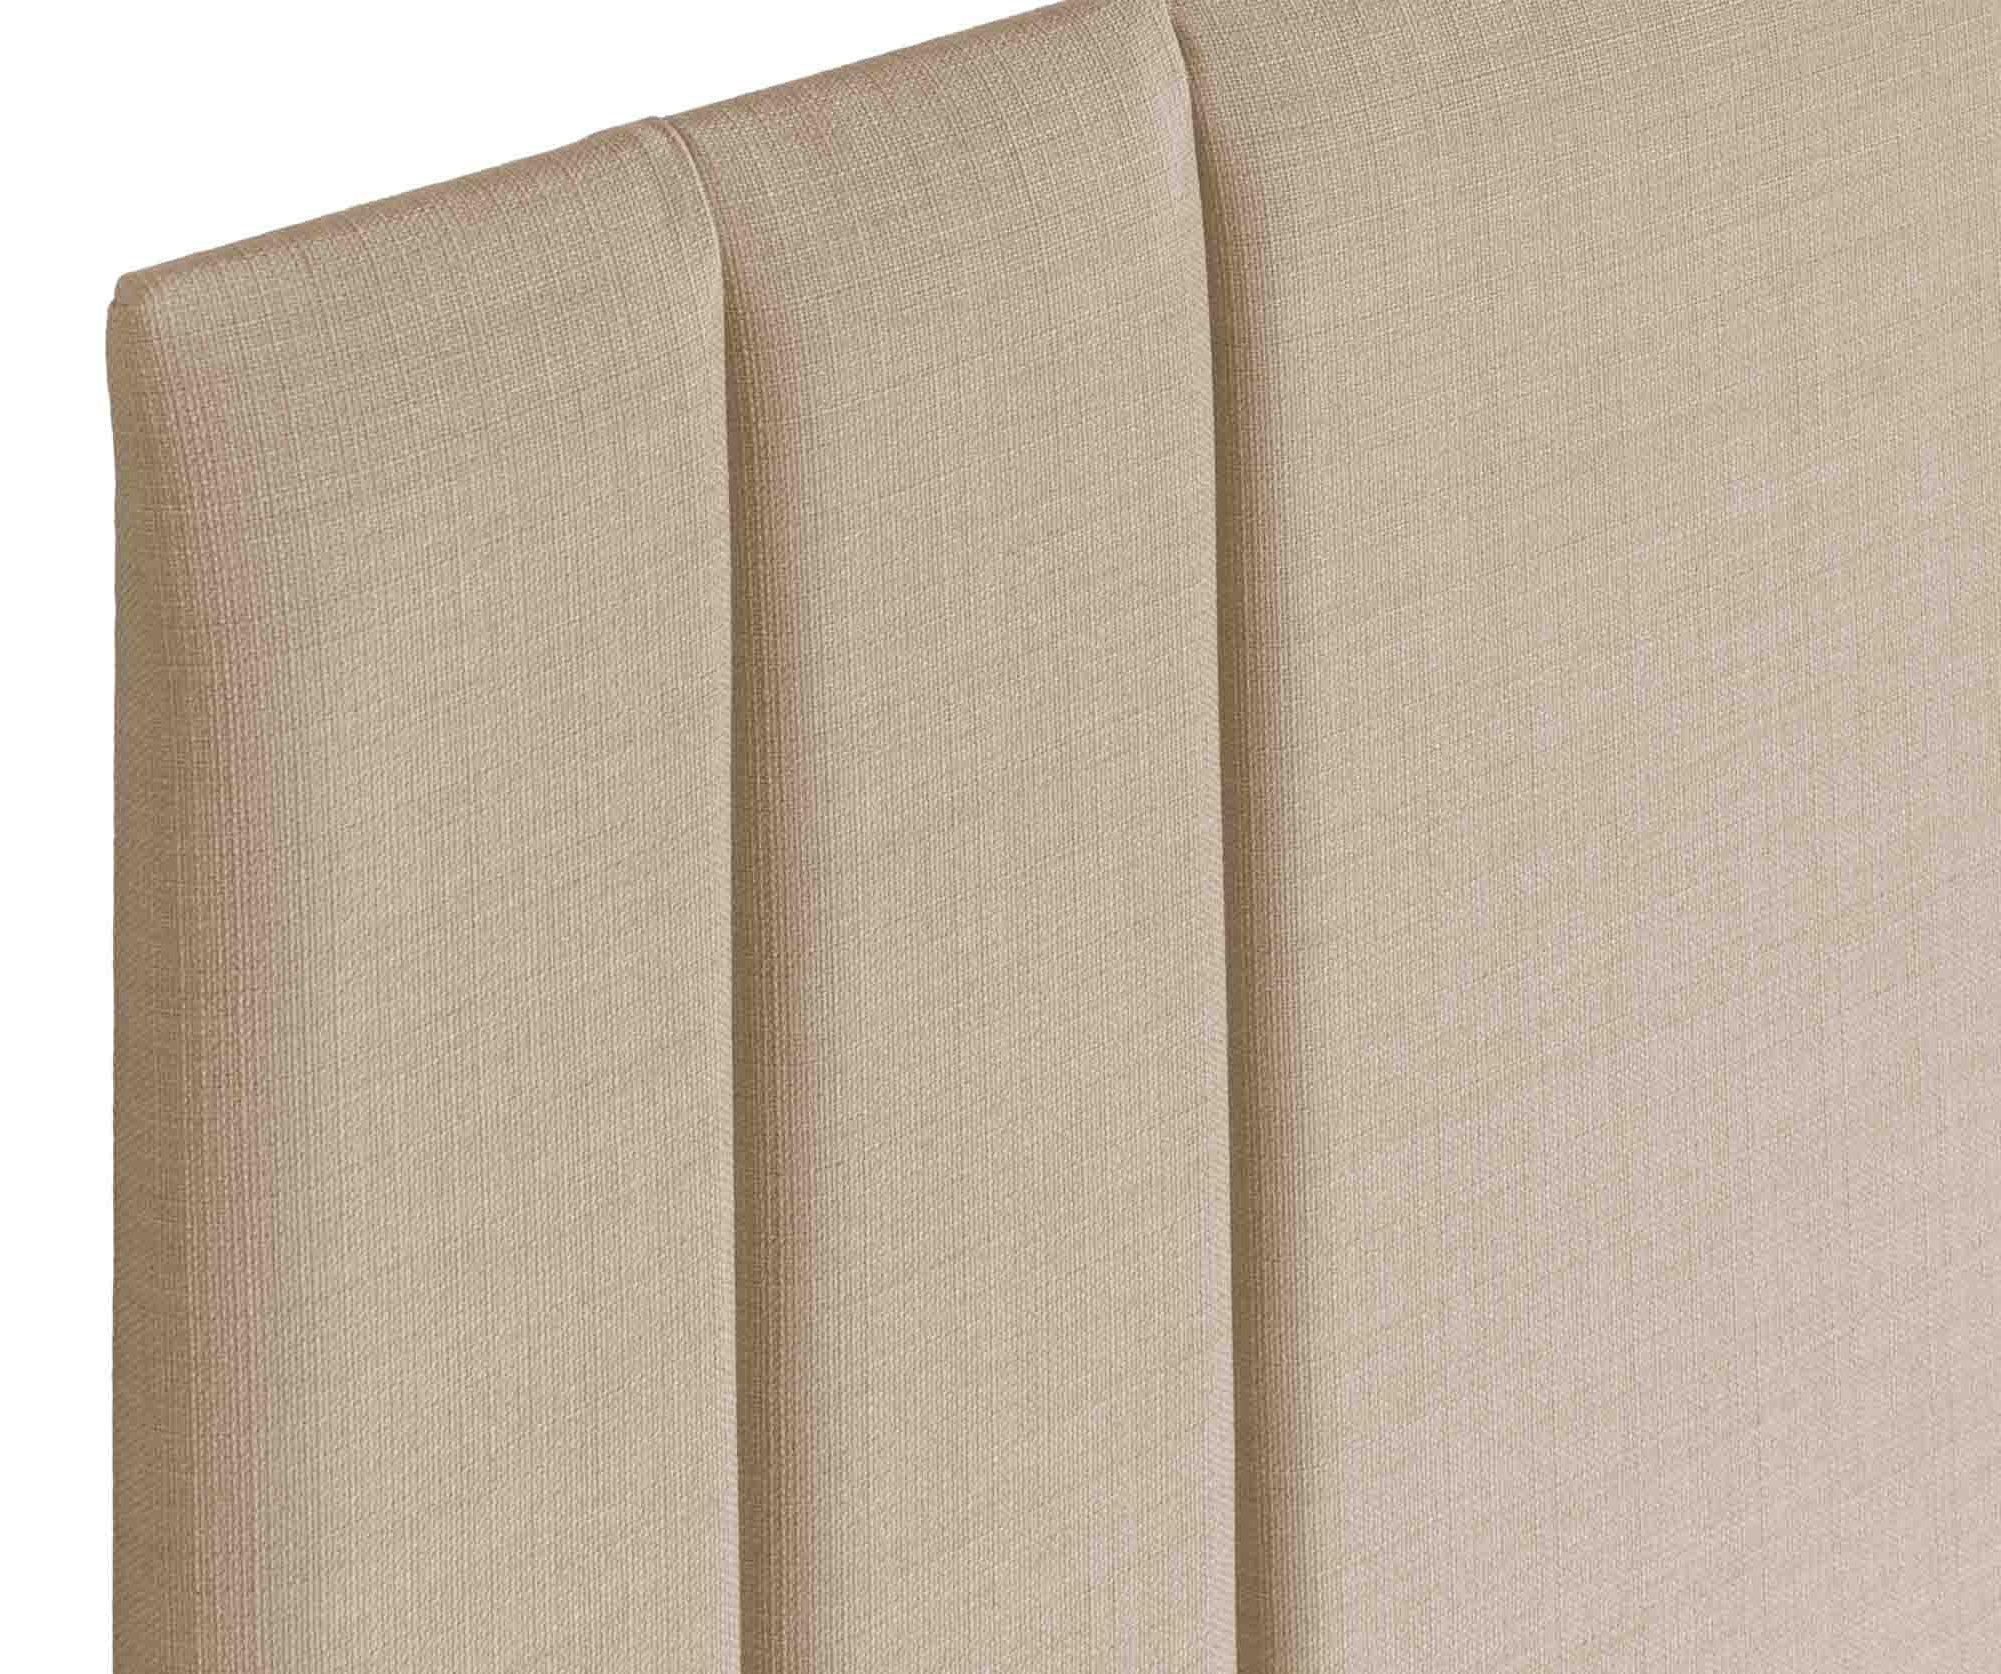 Slate Single 3ft Swanglen Sphinx Gem Fabric Headboard with Wooden Struts